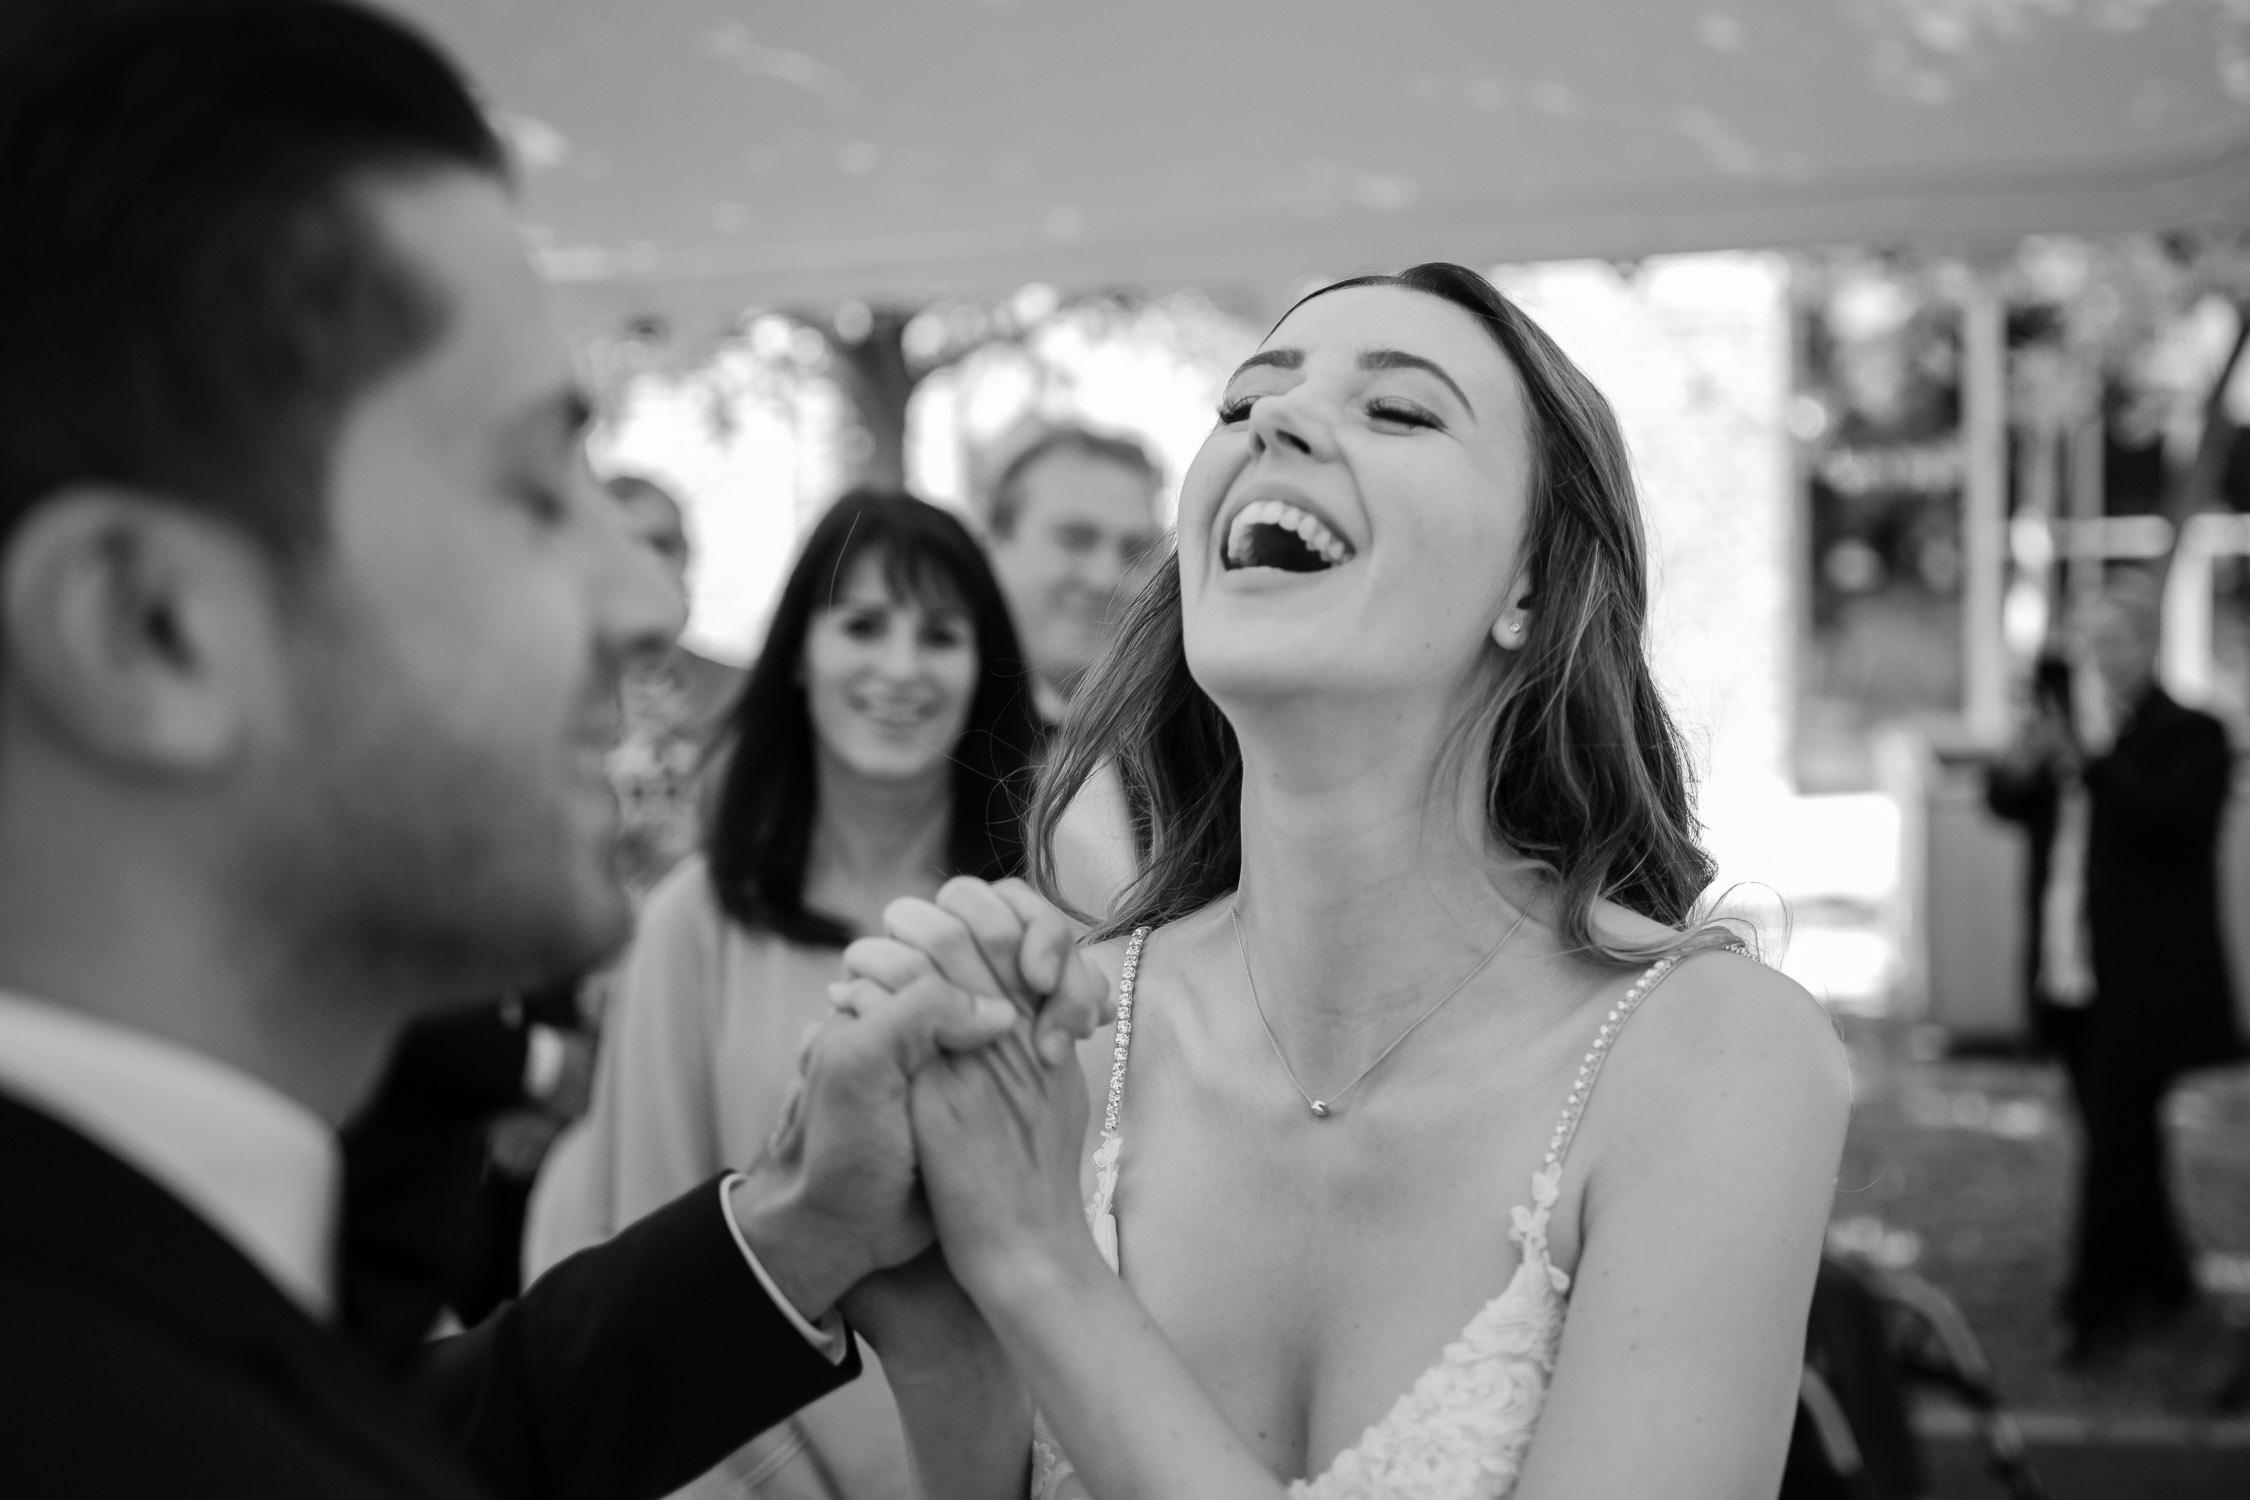 HochzeitsfotografKoeln BrautKleid AuthenticWeddingPhotography HochzeitsfotografDuesseldorf Hochzeitsfotograf HochzeitsfotografNRW AndreBastosFotografie47